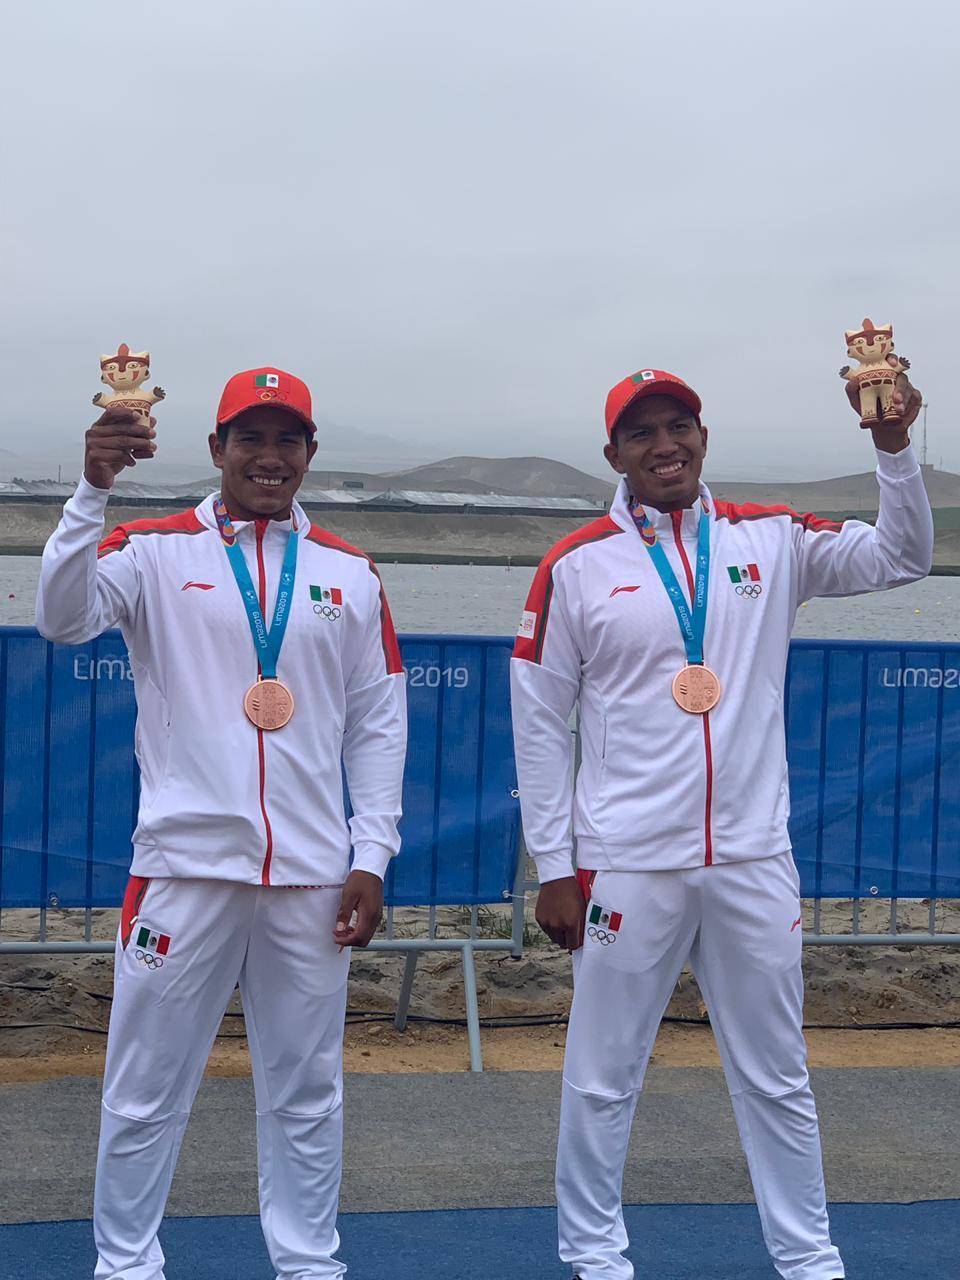 Rigoberto Camilo y Guillermo Quirino en los Juegos Panamericanos 2019